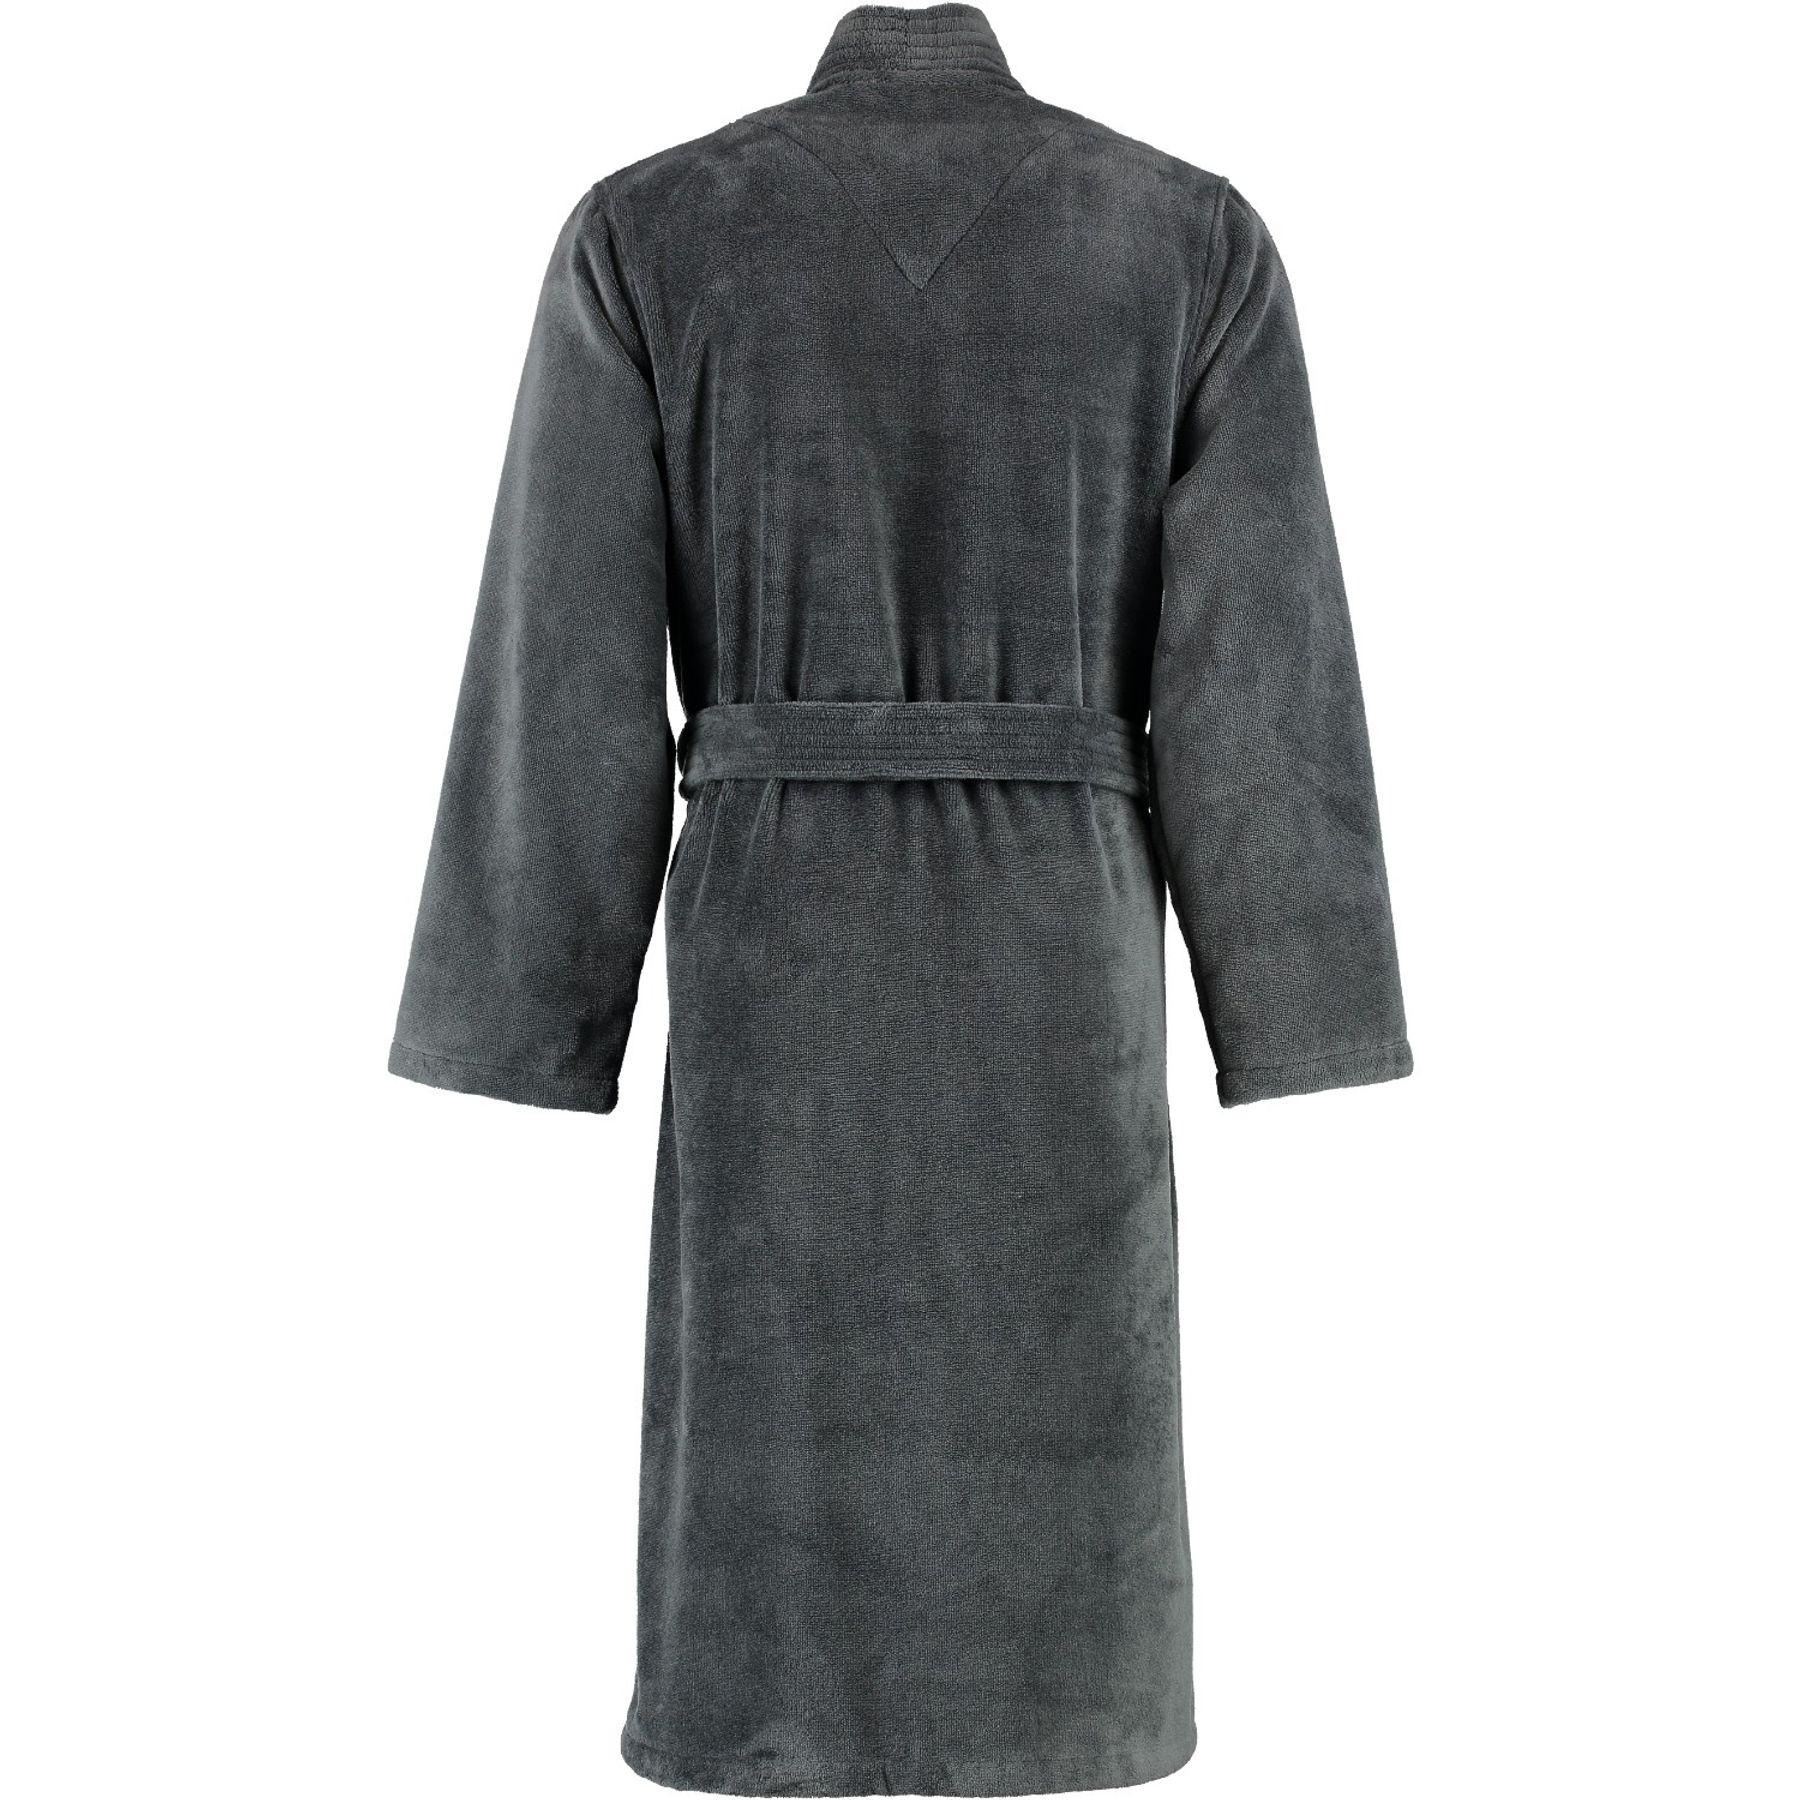 Lago - Herren Velours Bademantel mit Kimono Form in verschiedenen Farbtönen (800/LG807/GG808) – Bild 12